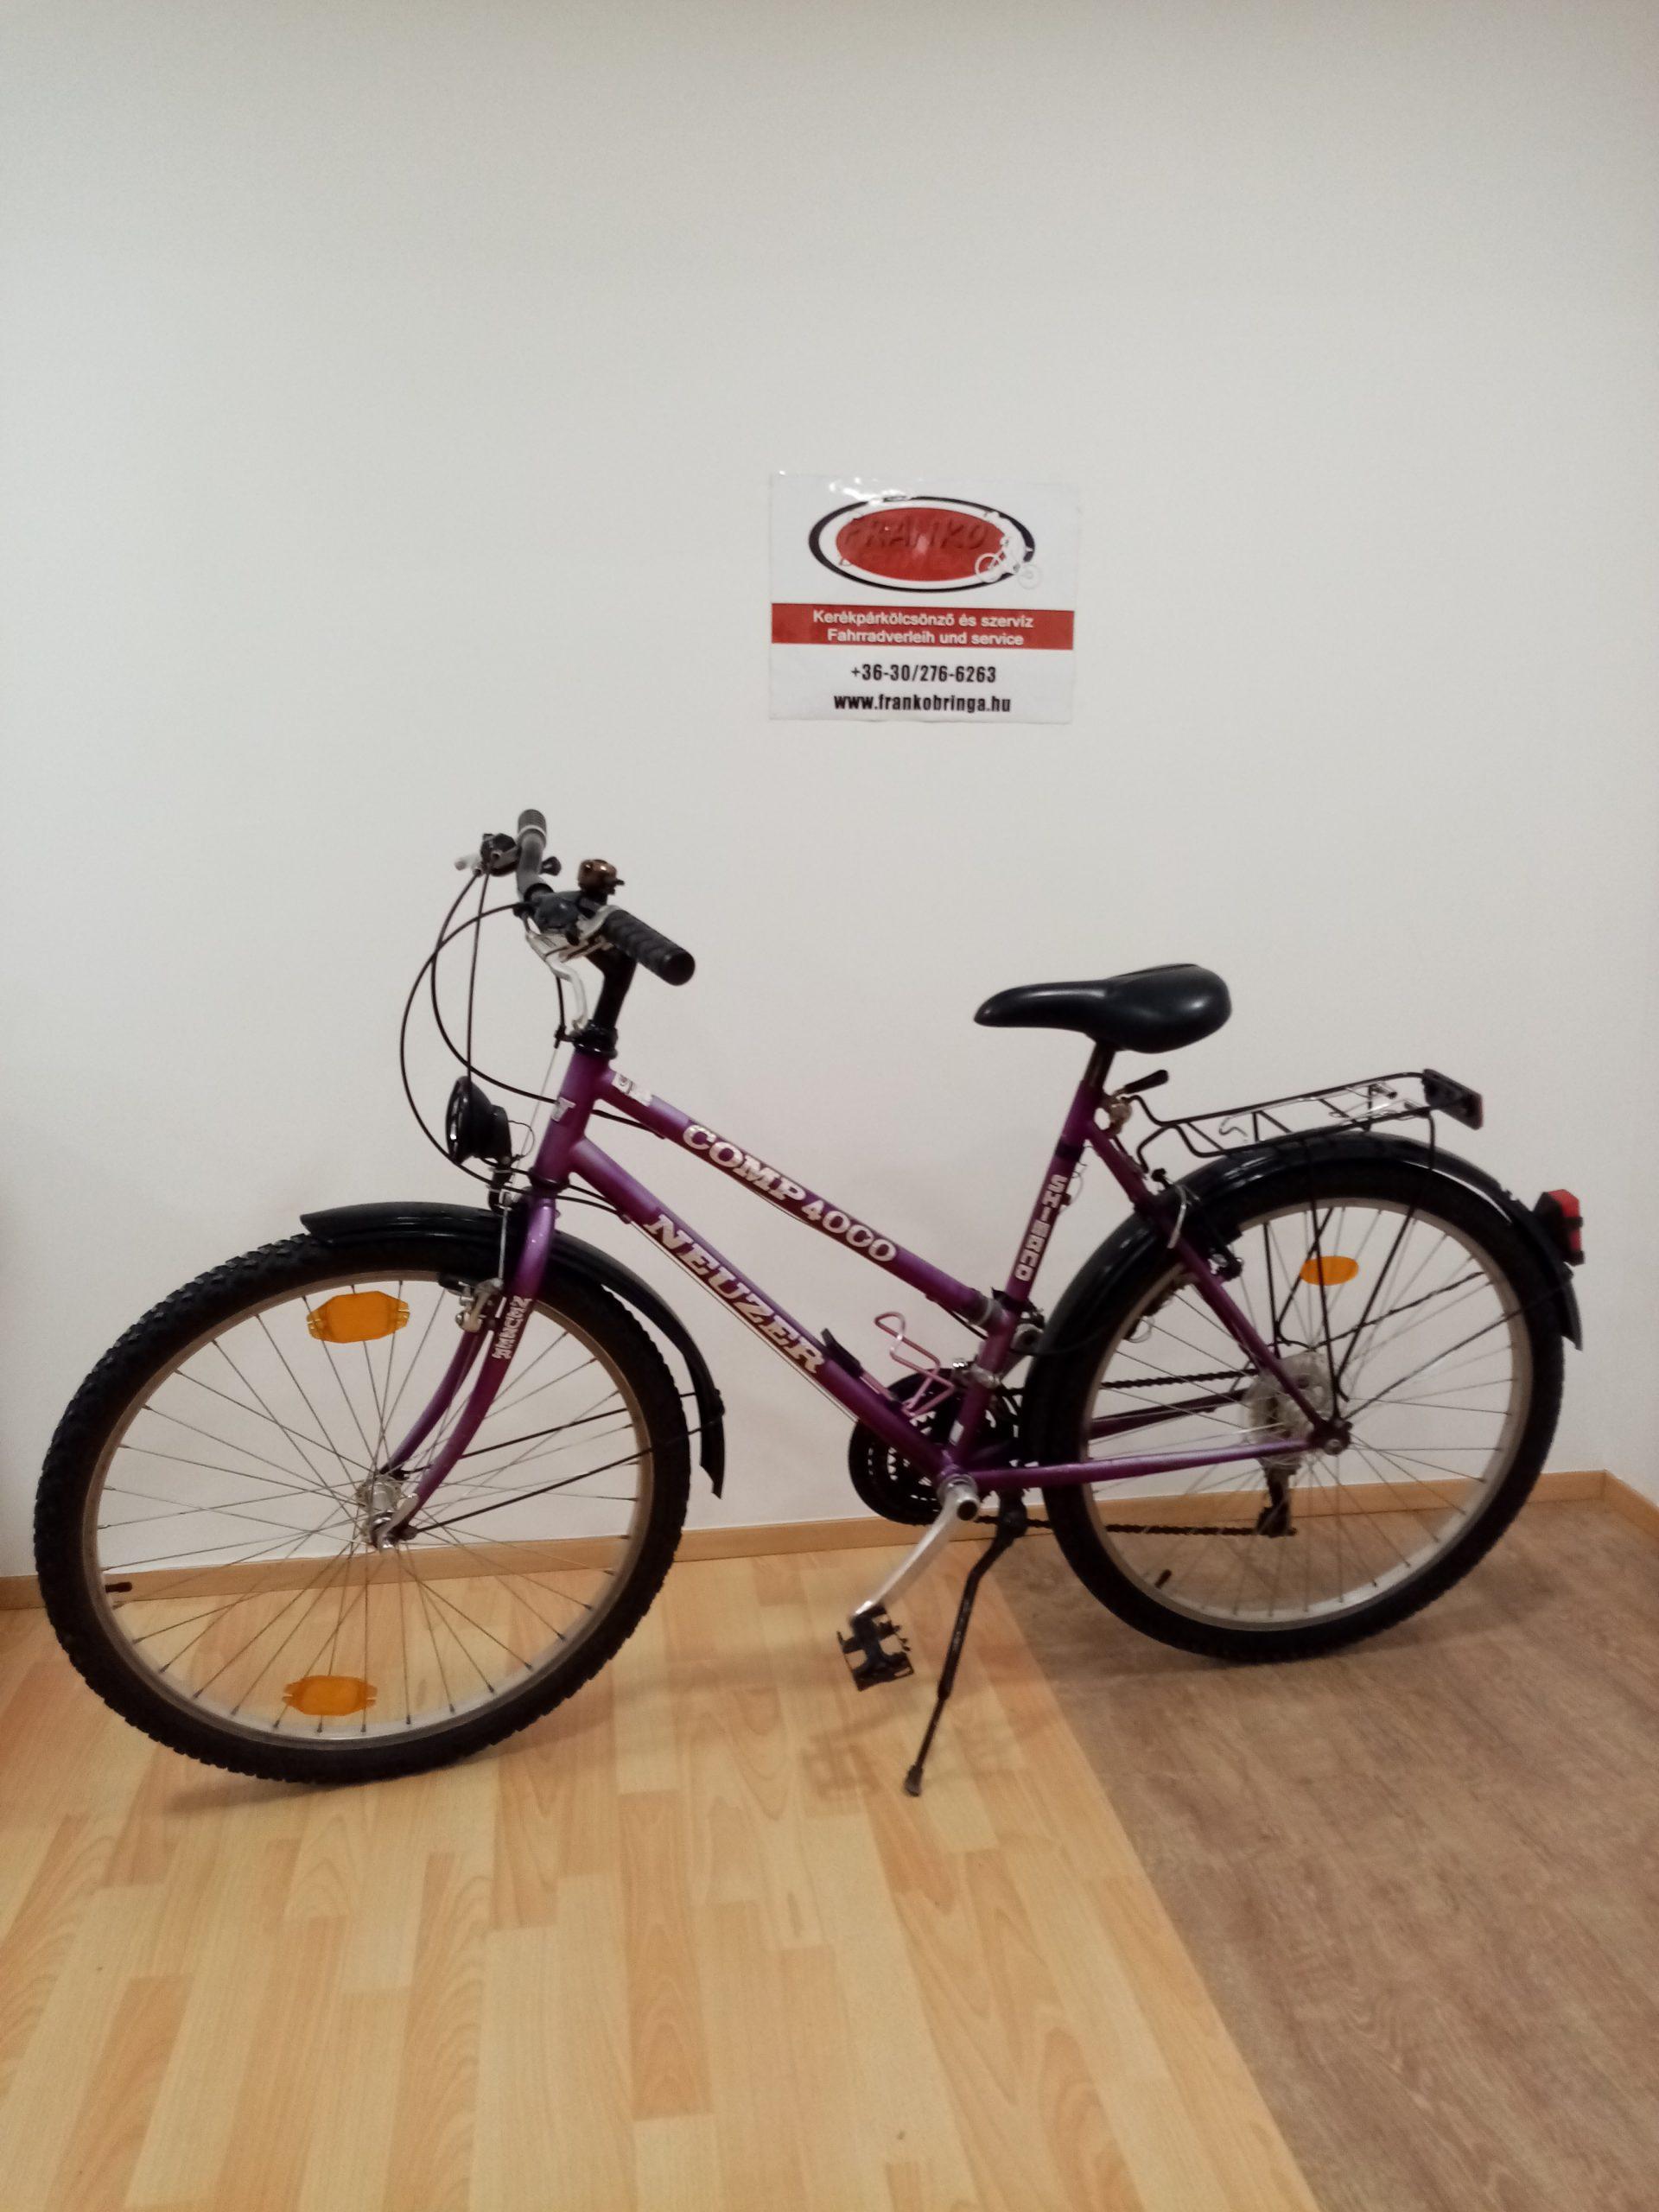 26″ Női kerékpár – Azonosító: #37